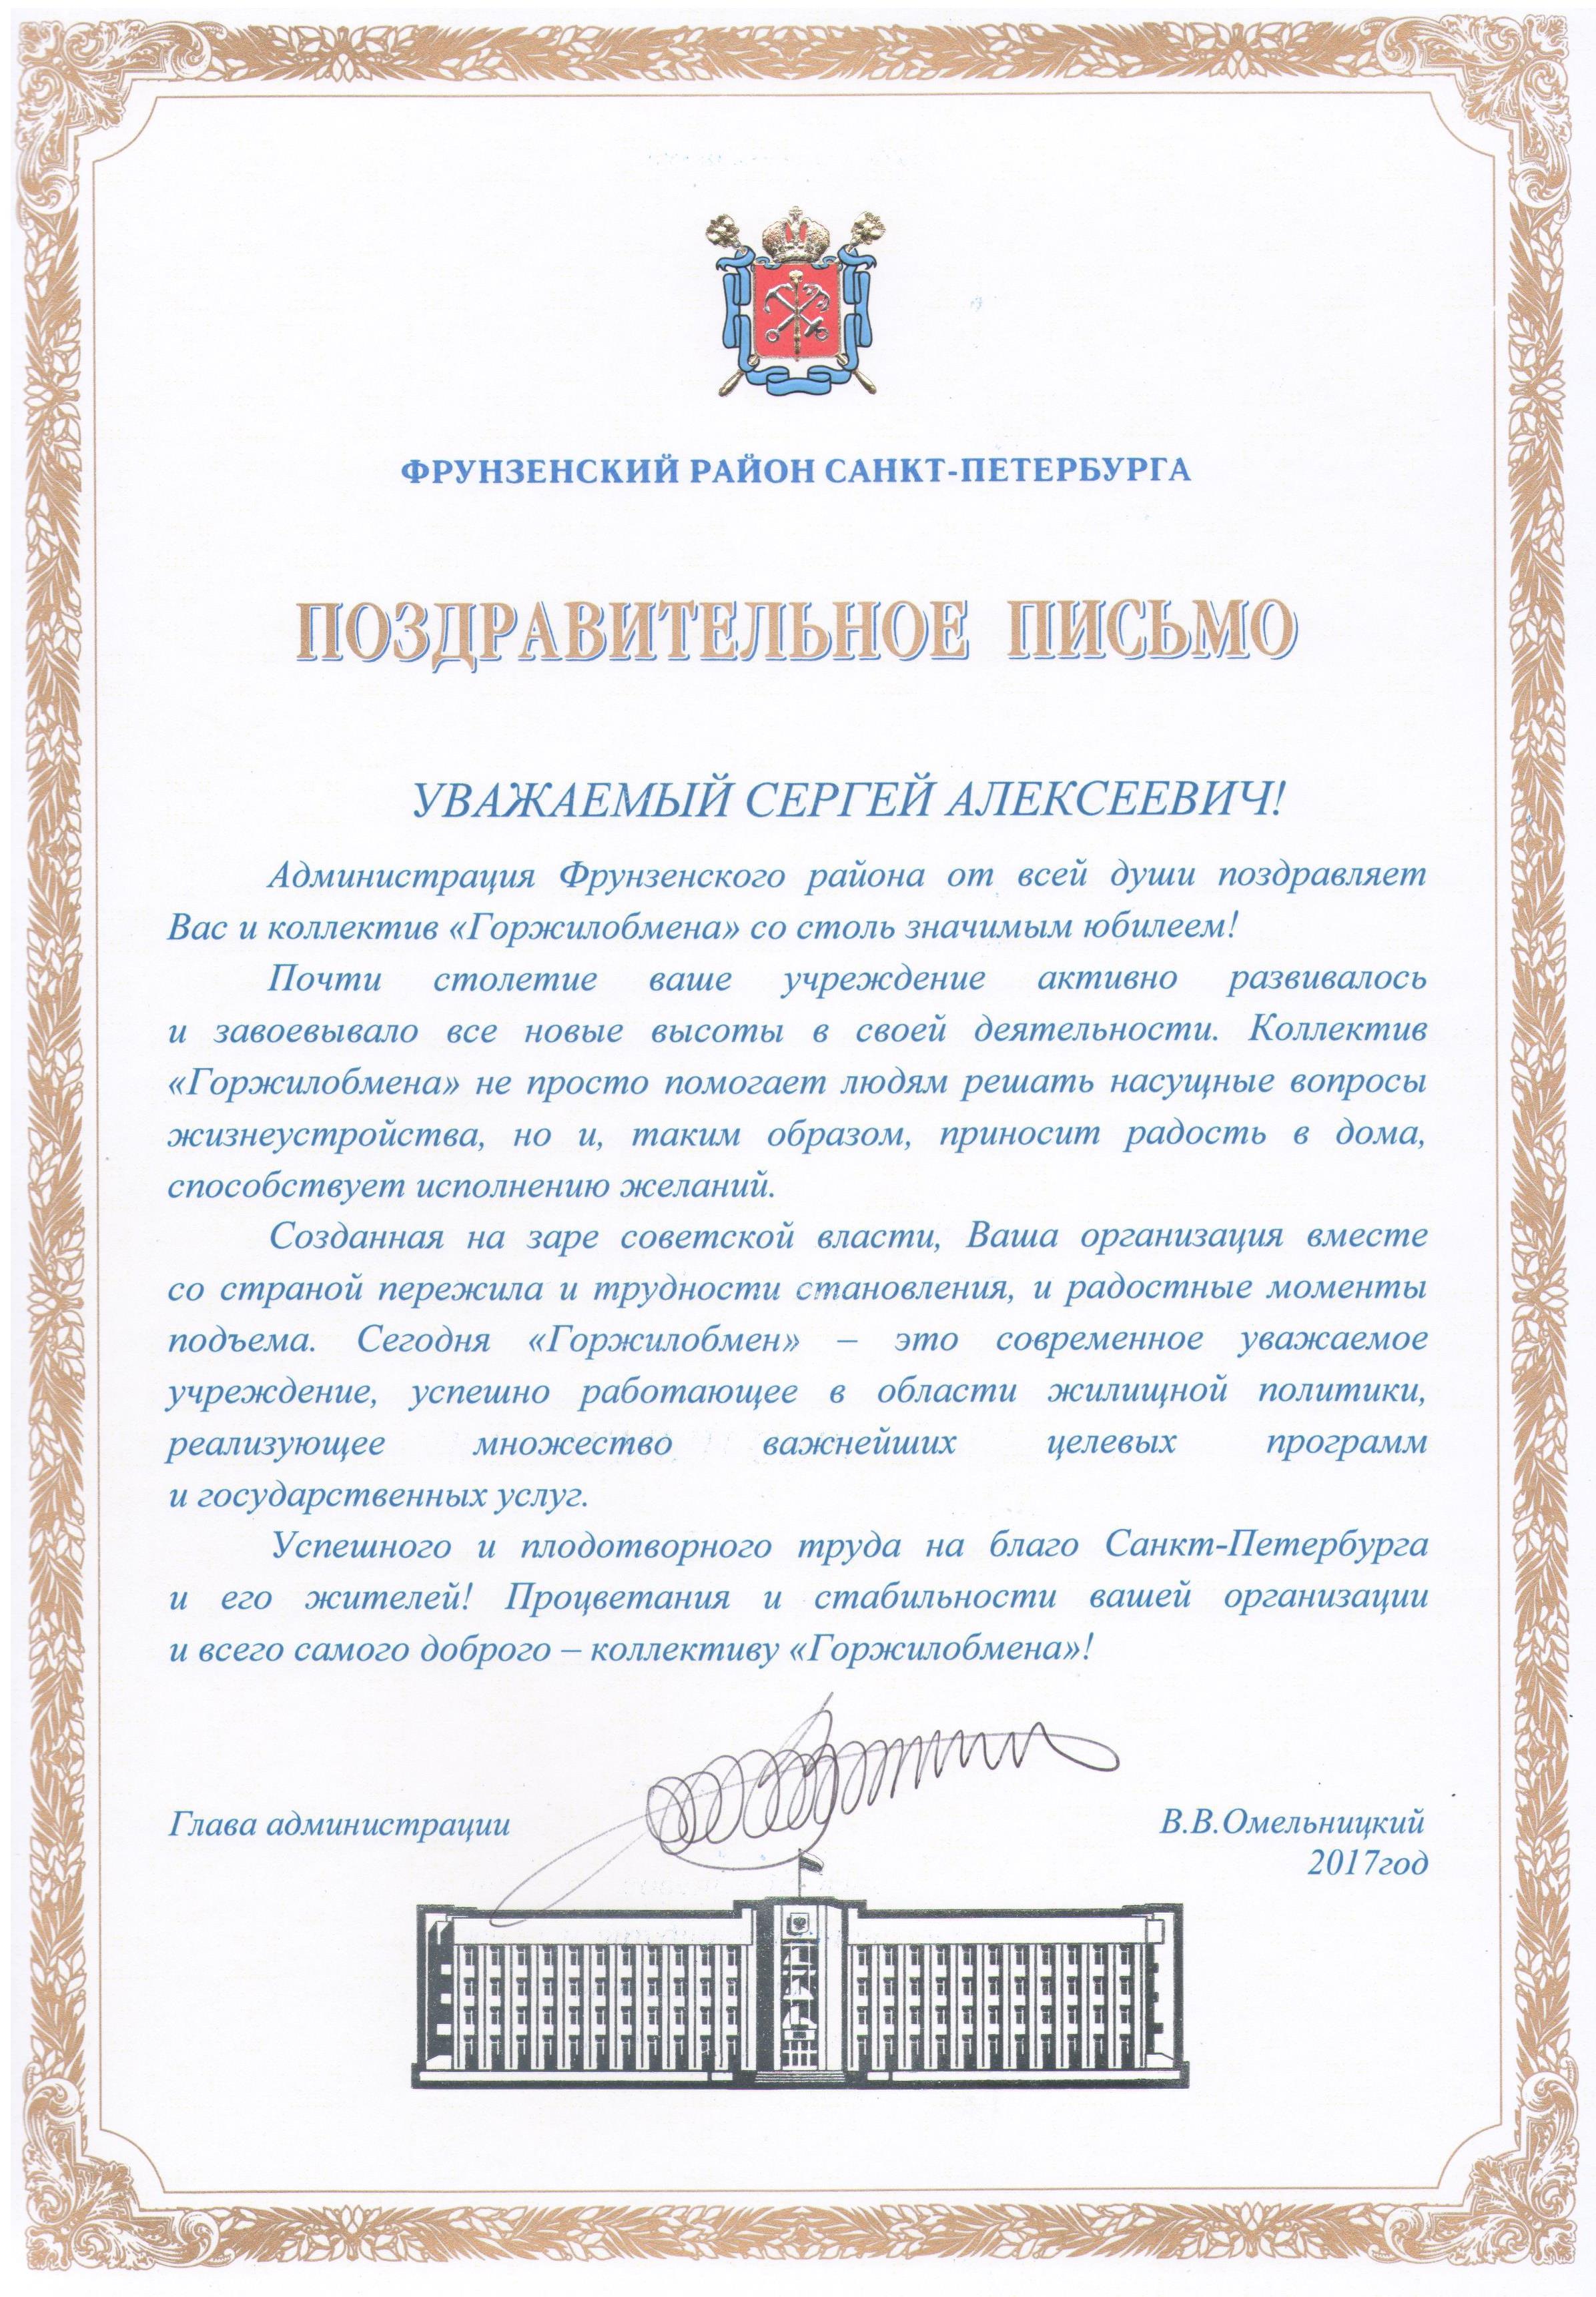 Поздравление главы Администрации города Курска 56